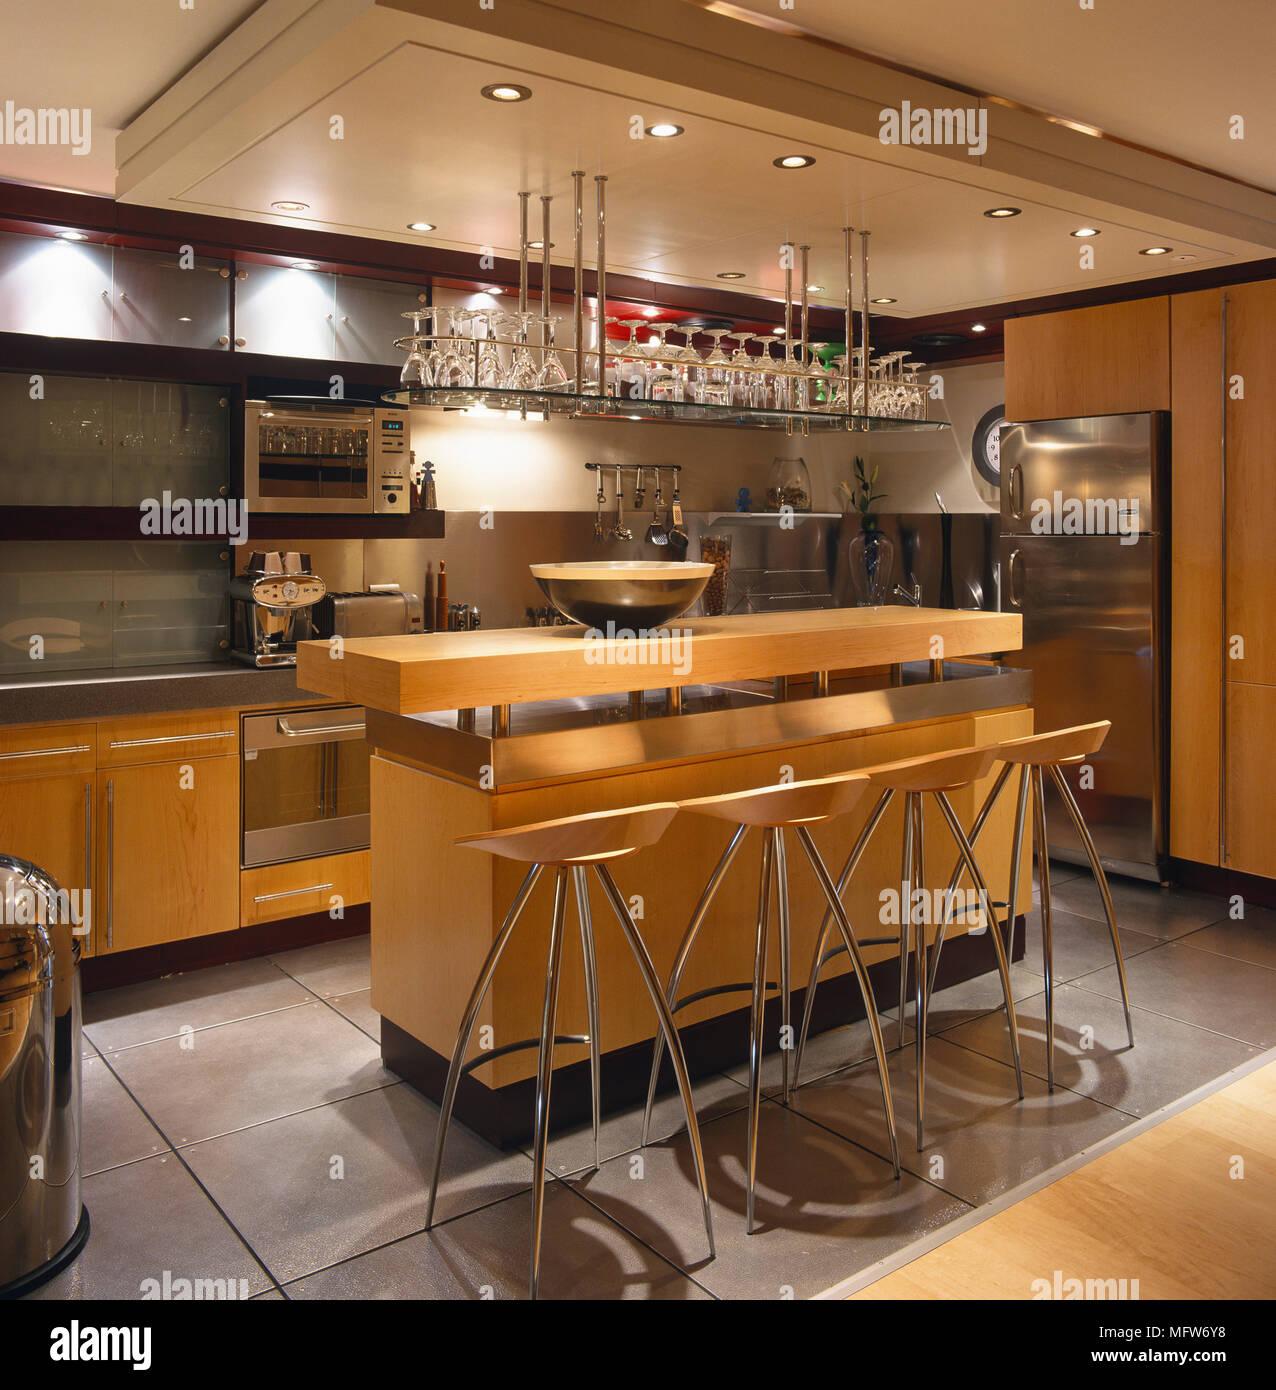 Asombroso Campo Cocina De Un Restaurante Mahopac Ny Colección de ...